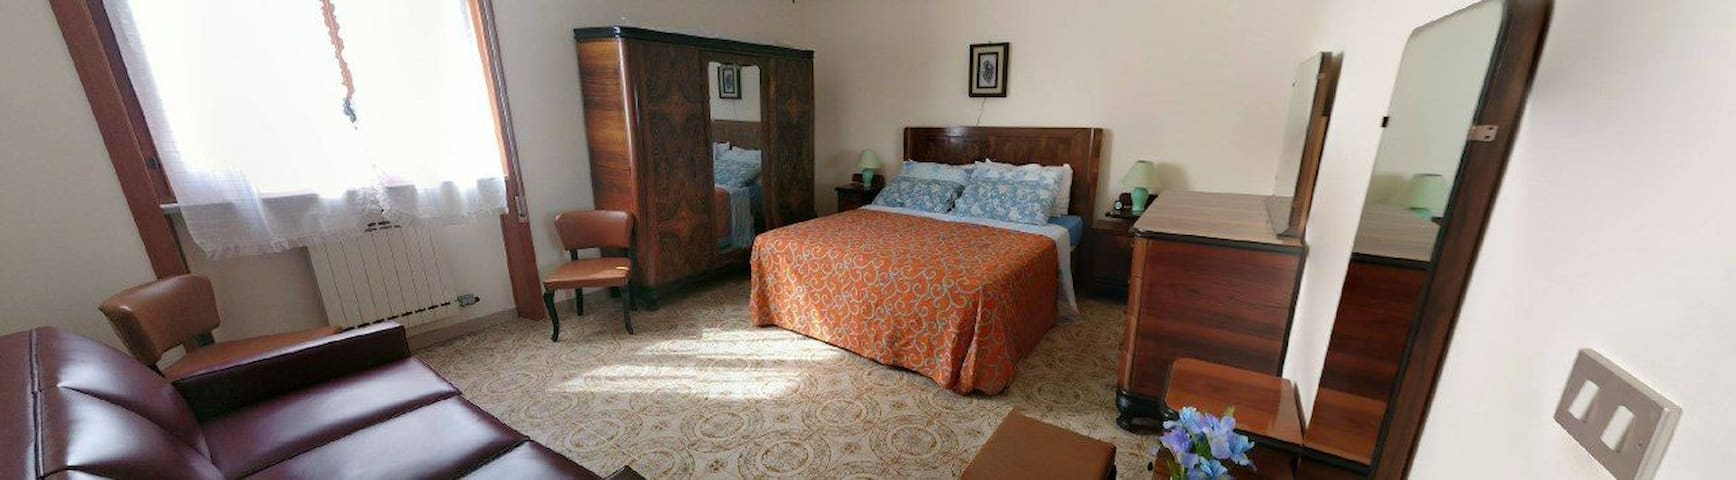 Stanza con letto matrimoniale e due poltrone - letto, con armadio privato e cassettiera